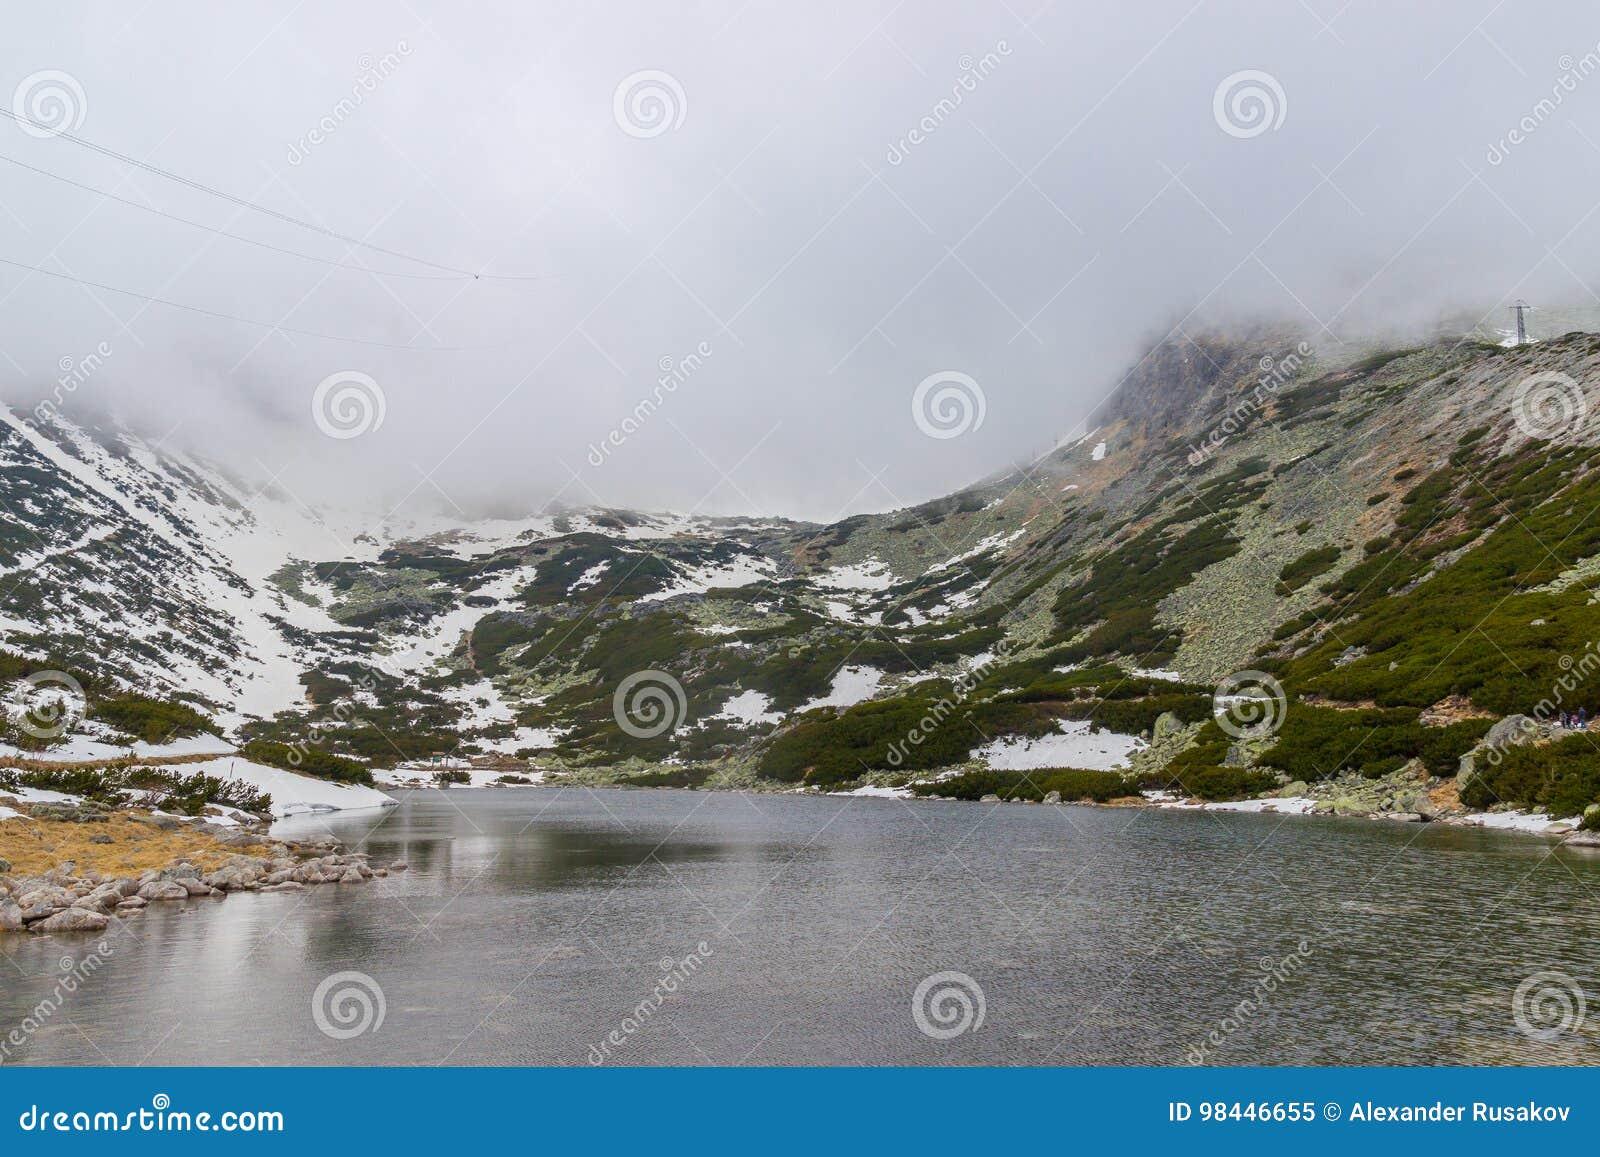 Skalnate pleso山湖 斯洛伐克